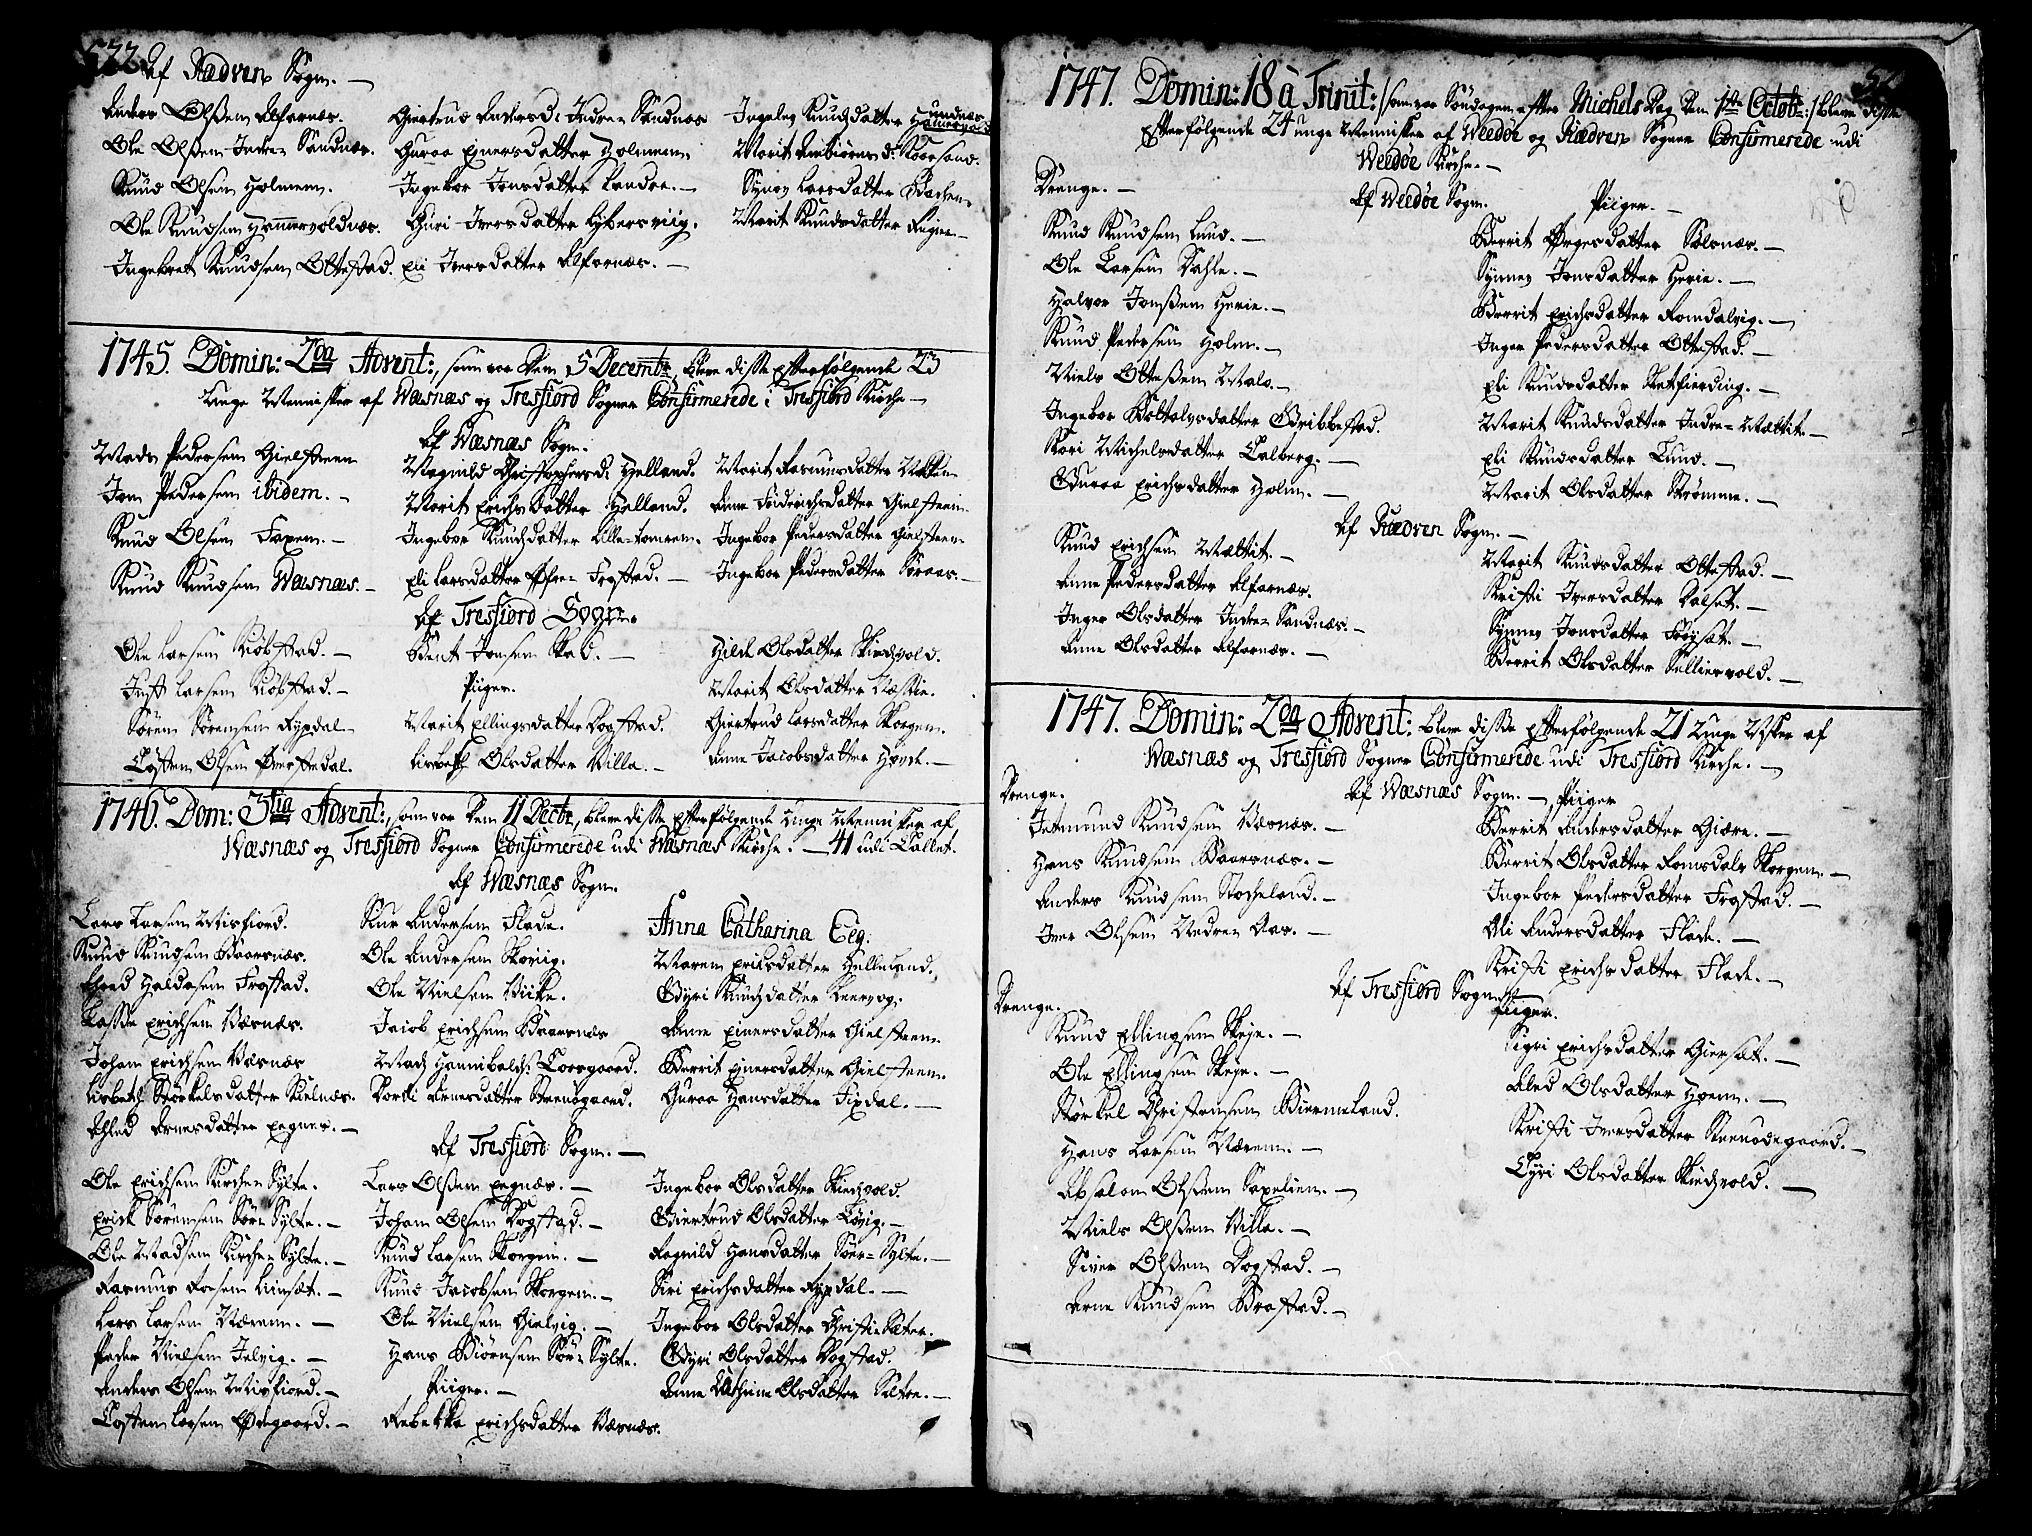 SAT, Ministerialprotokoller, klokkerbøker og fødselsregistre - Møre og Romsdal, 547/L0599: Parish register (official) no. 547A01, 1721-1764, p. 522-523